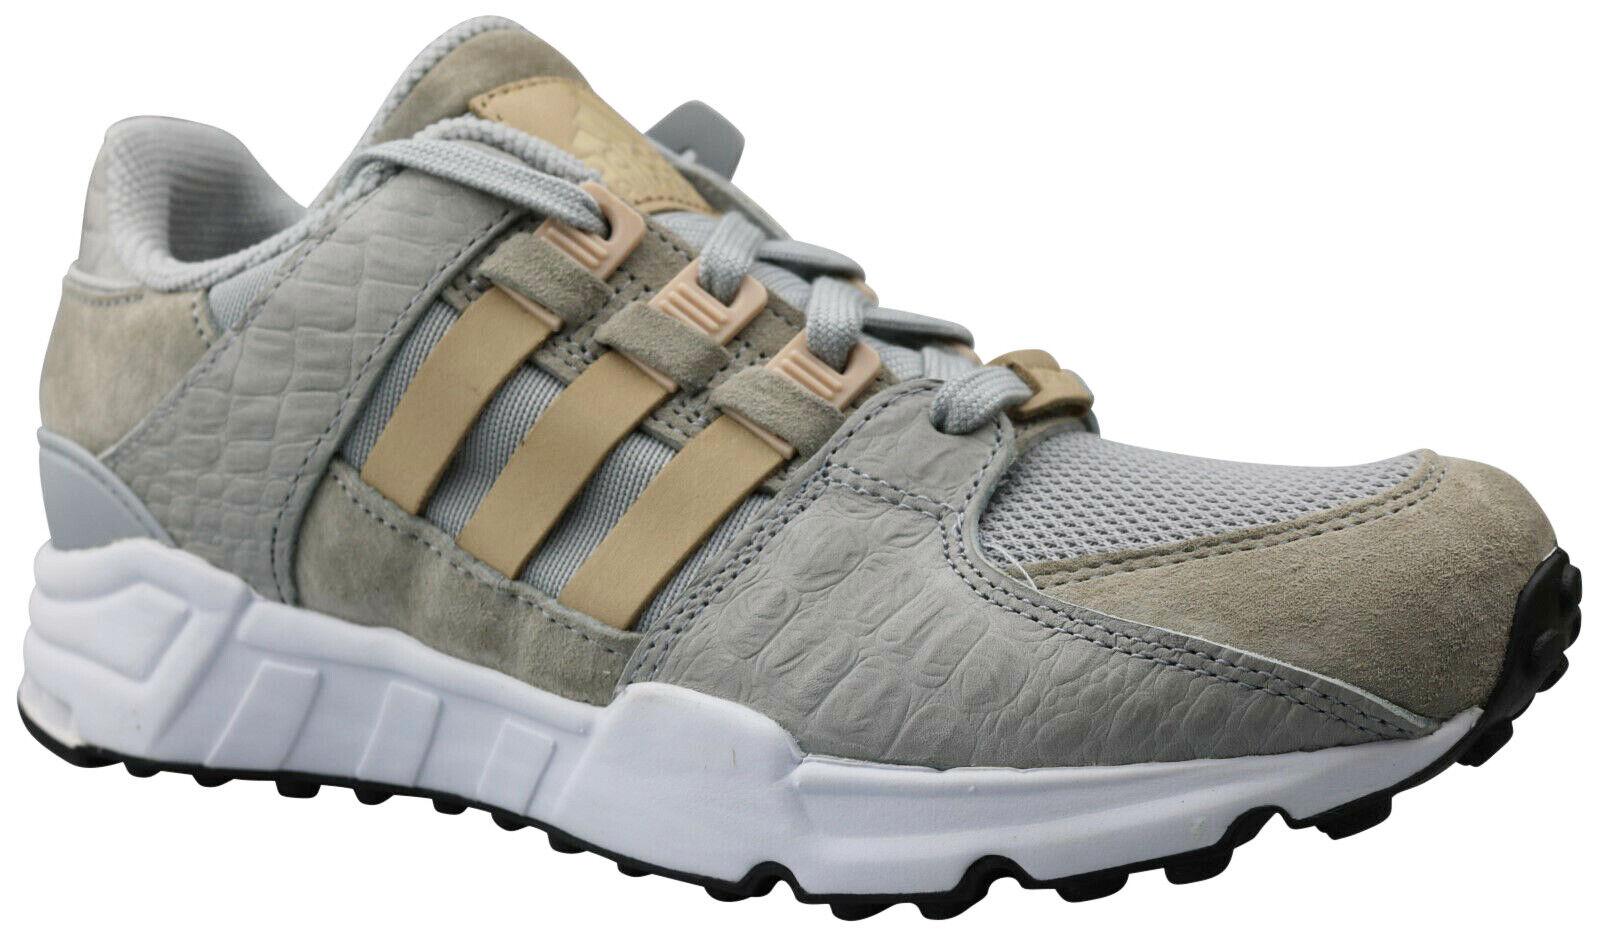 Adidas EQT Equipmännert laufning Support 93 Turnschuhe Schuhe S32148 Gr. 39 - 46 NEU